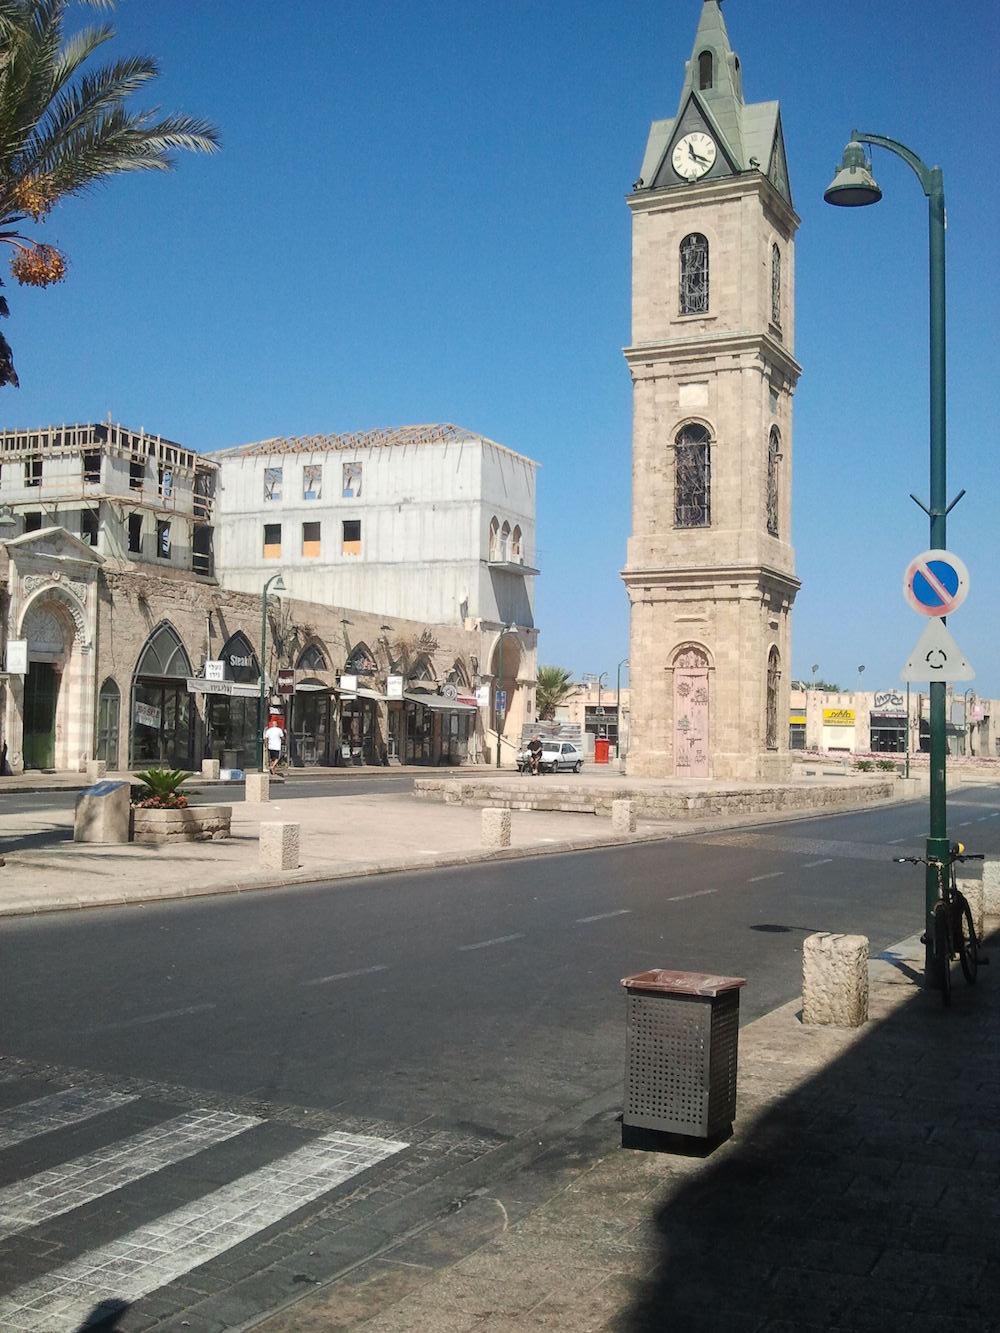 Jaffa Clock Tower